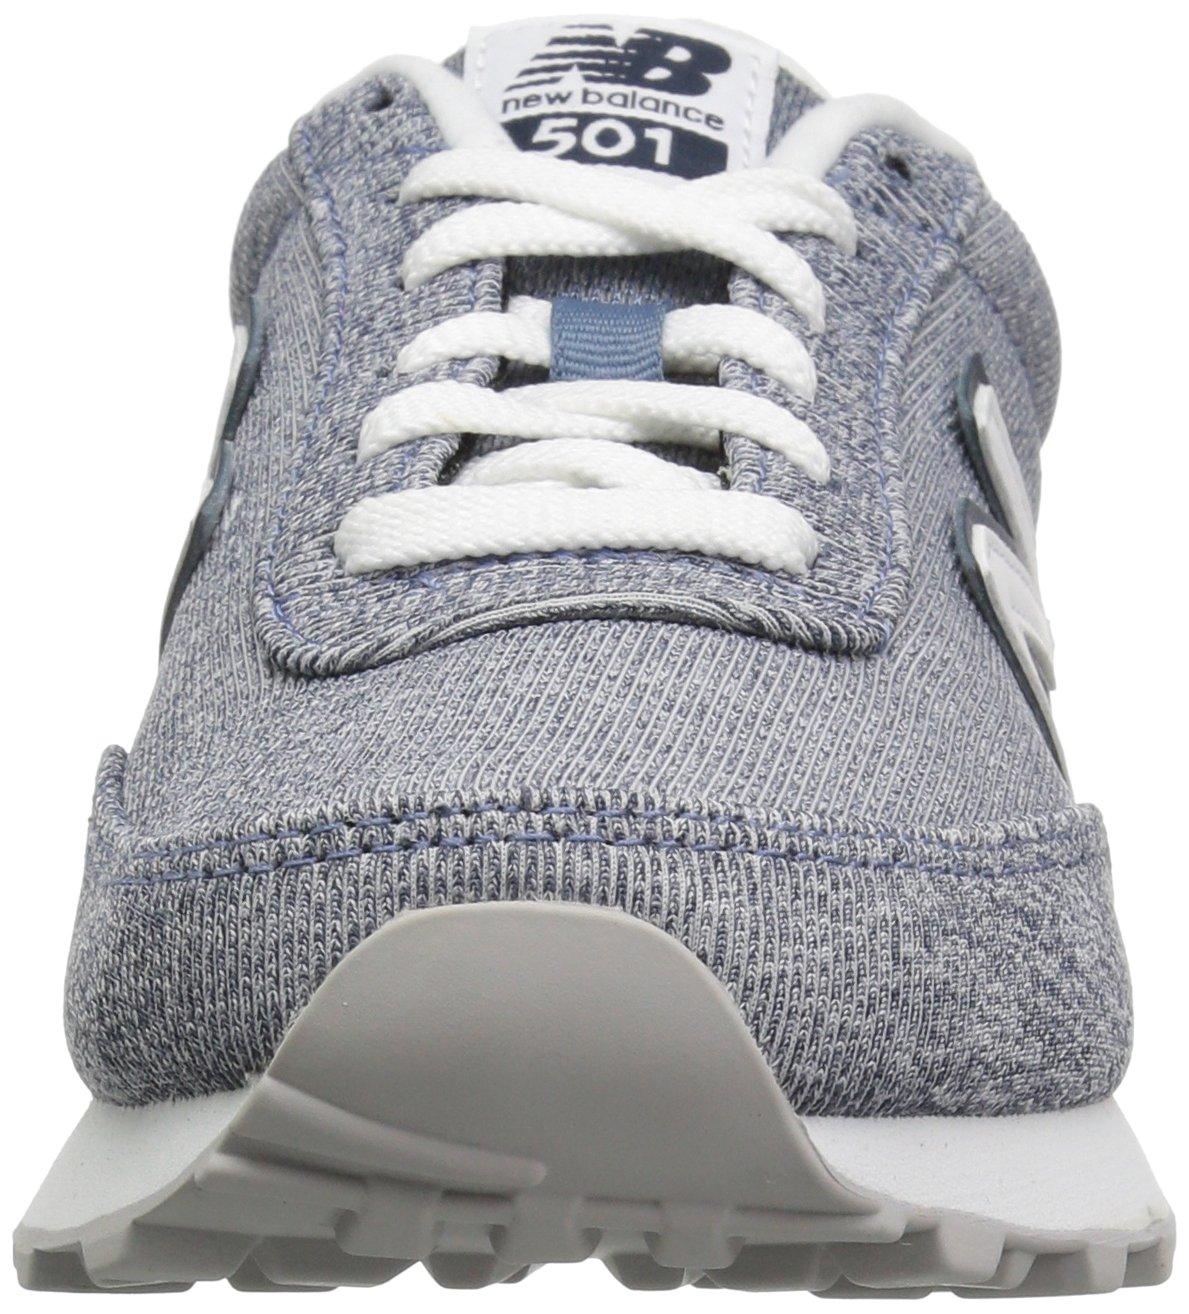 New Balance Women's 501v1 Sneaker B0751S1B3H 11.5 B(M) US|Deep Porccccccccccccccccelain Blue/Galaxy